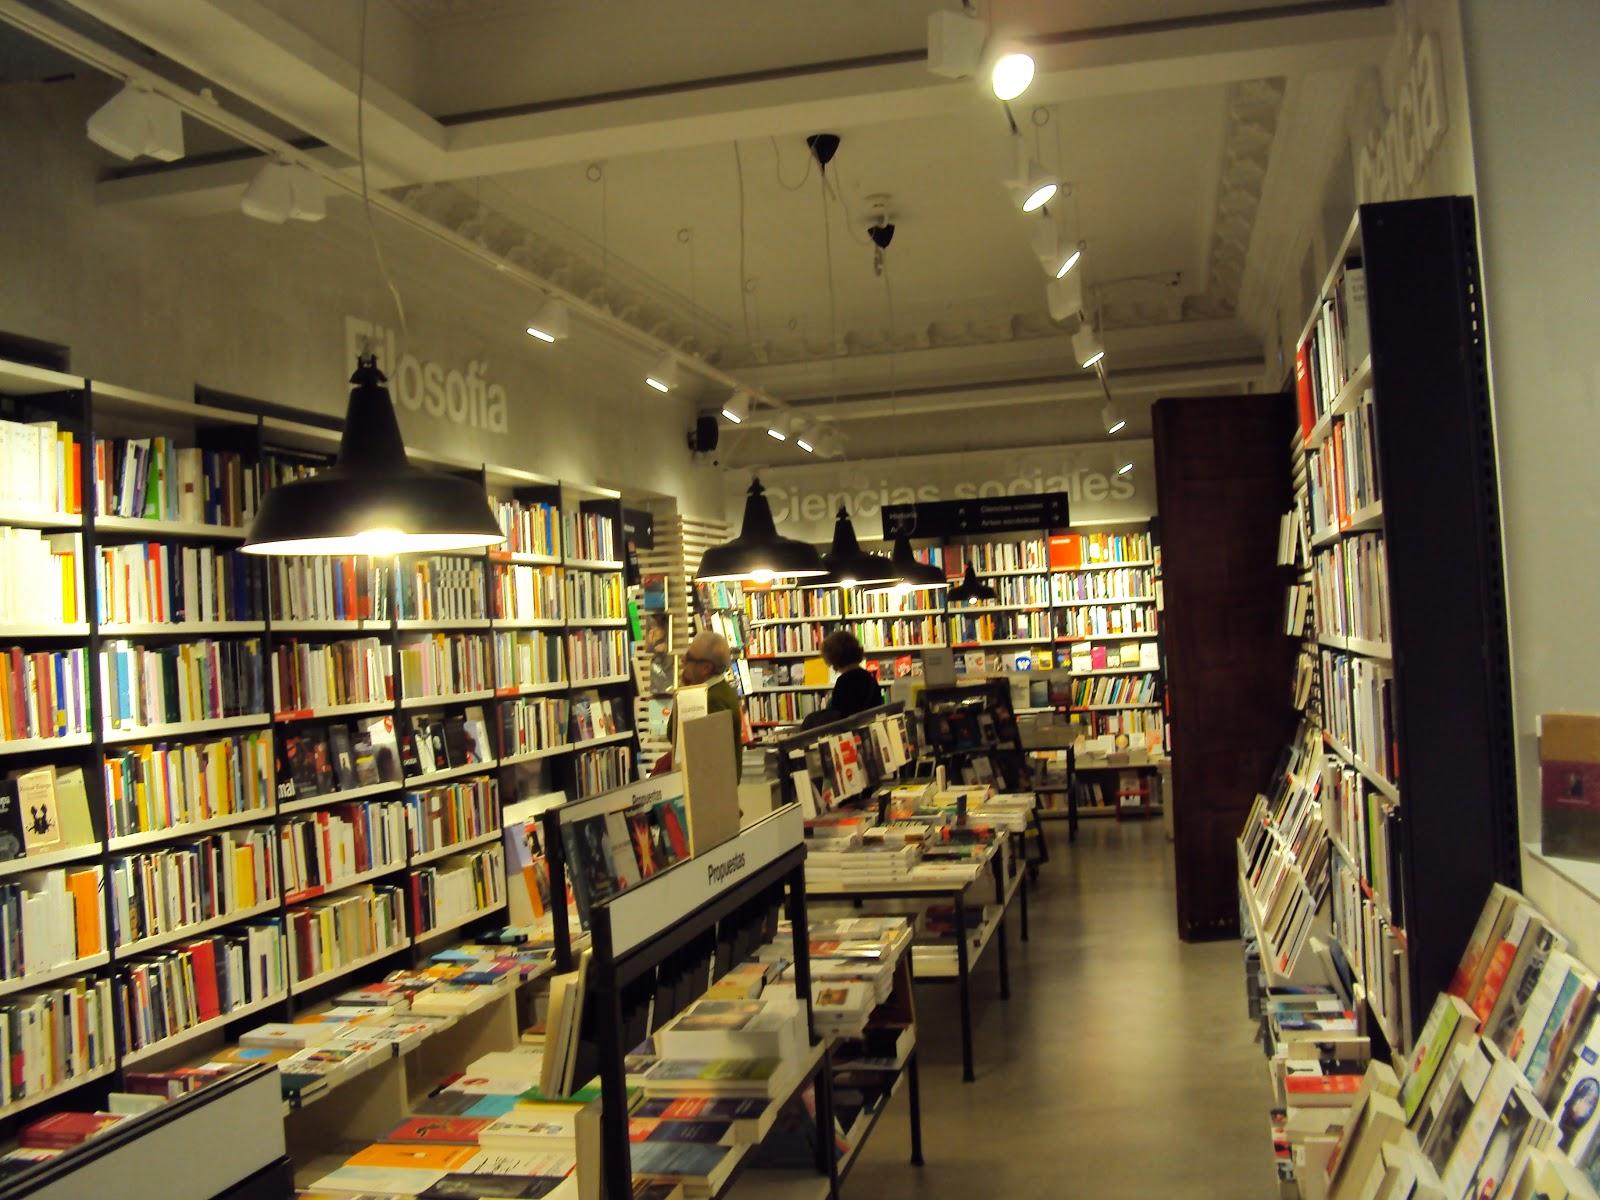 La librer a m s bonita de madrid - Libreria marcial pons barcelona ...